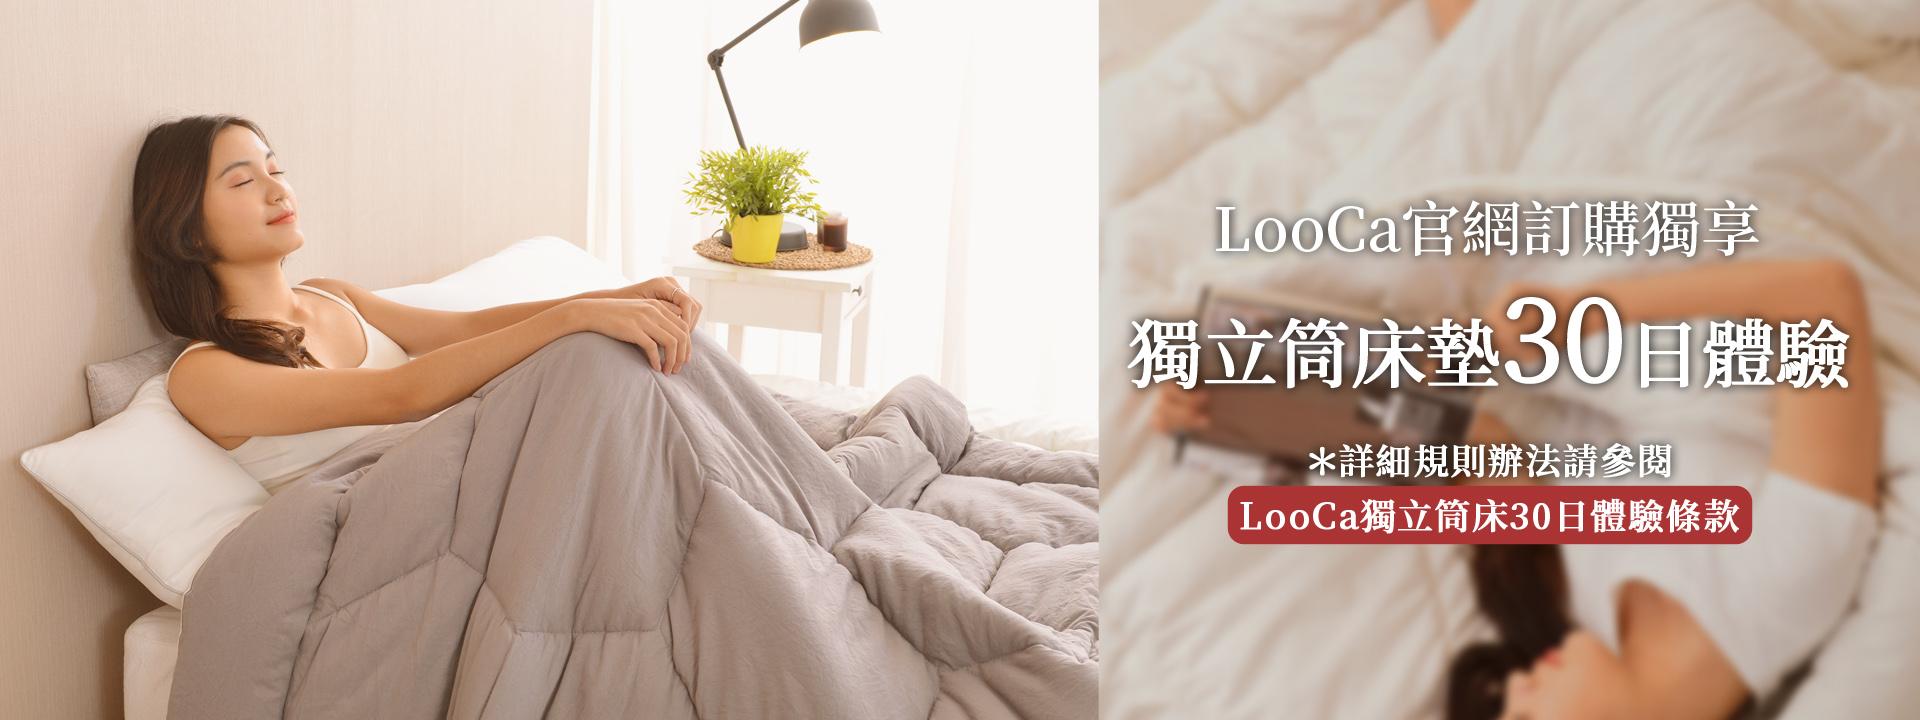 LooCa 官網購買厚獨立筒床墊享30日體驗(詳細相關活動辦法請參考條款頁面)